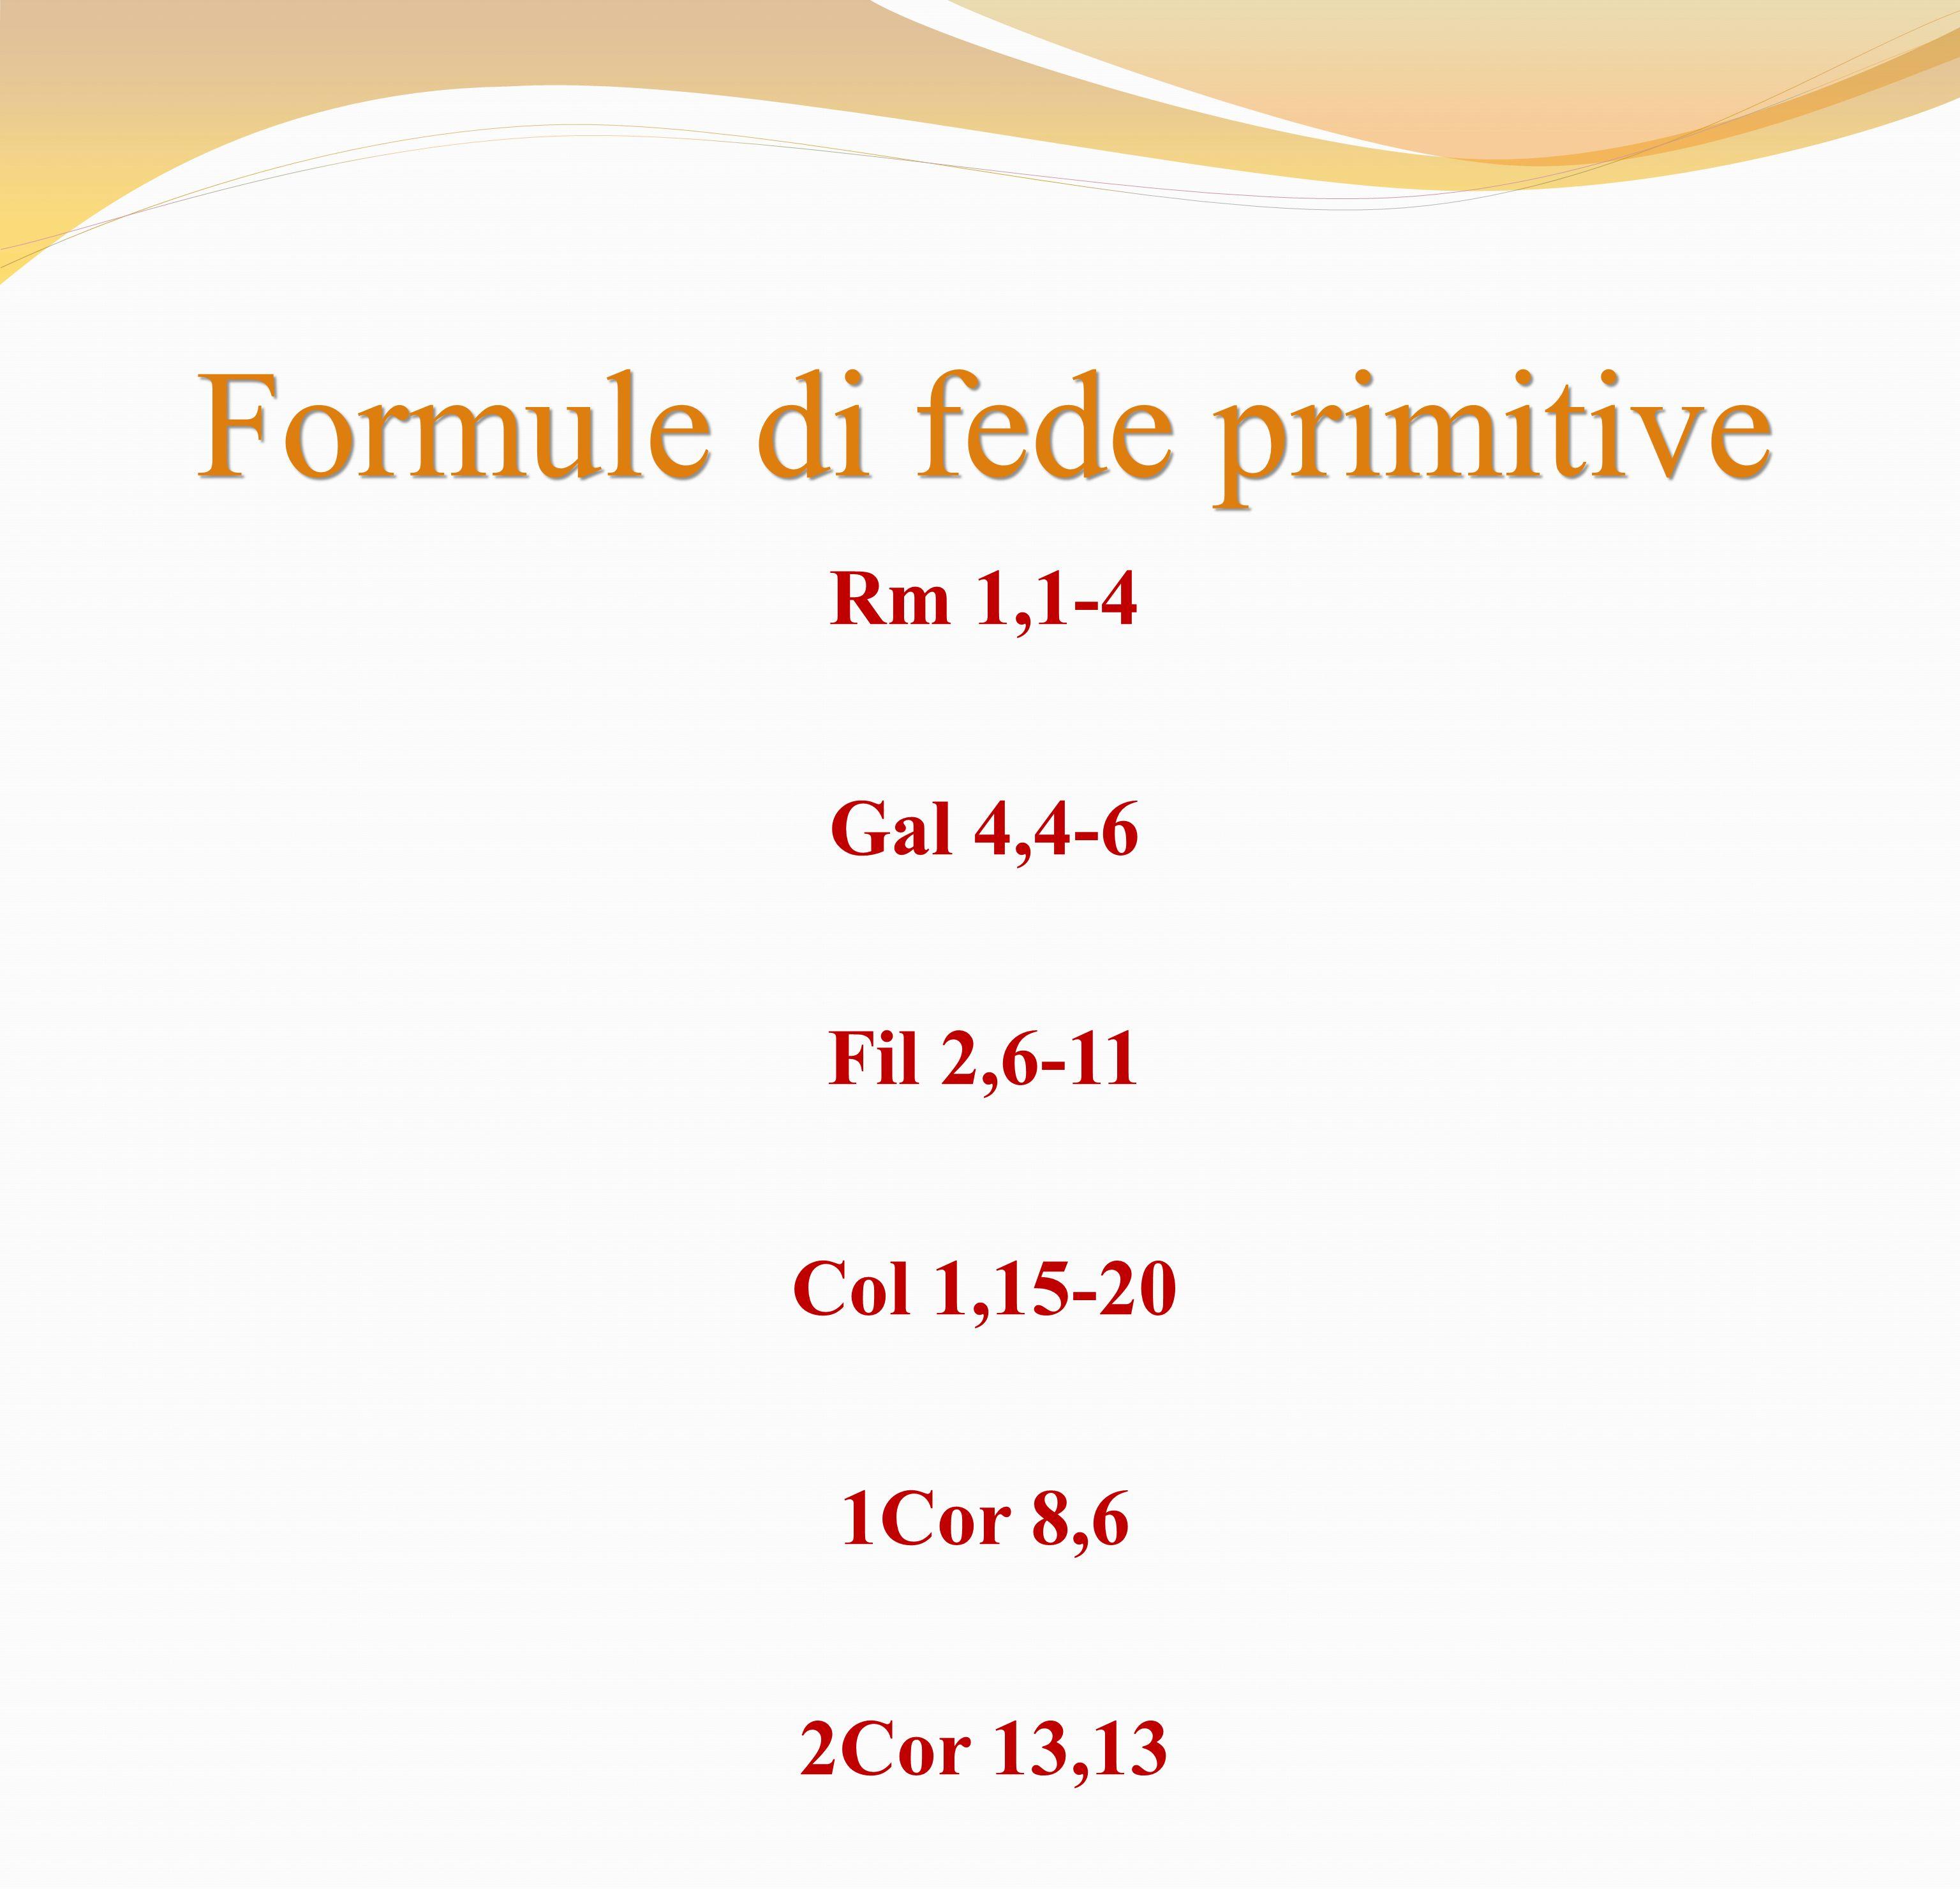 Formule di fede primitive